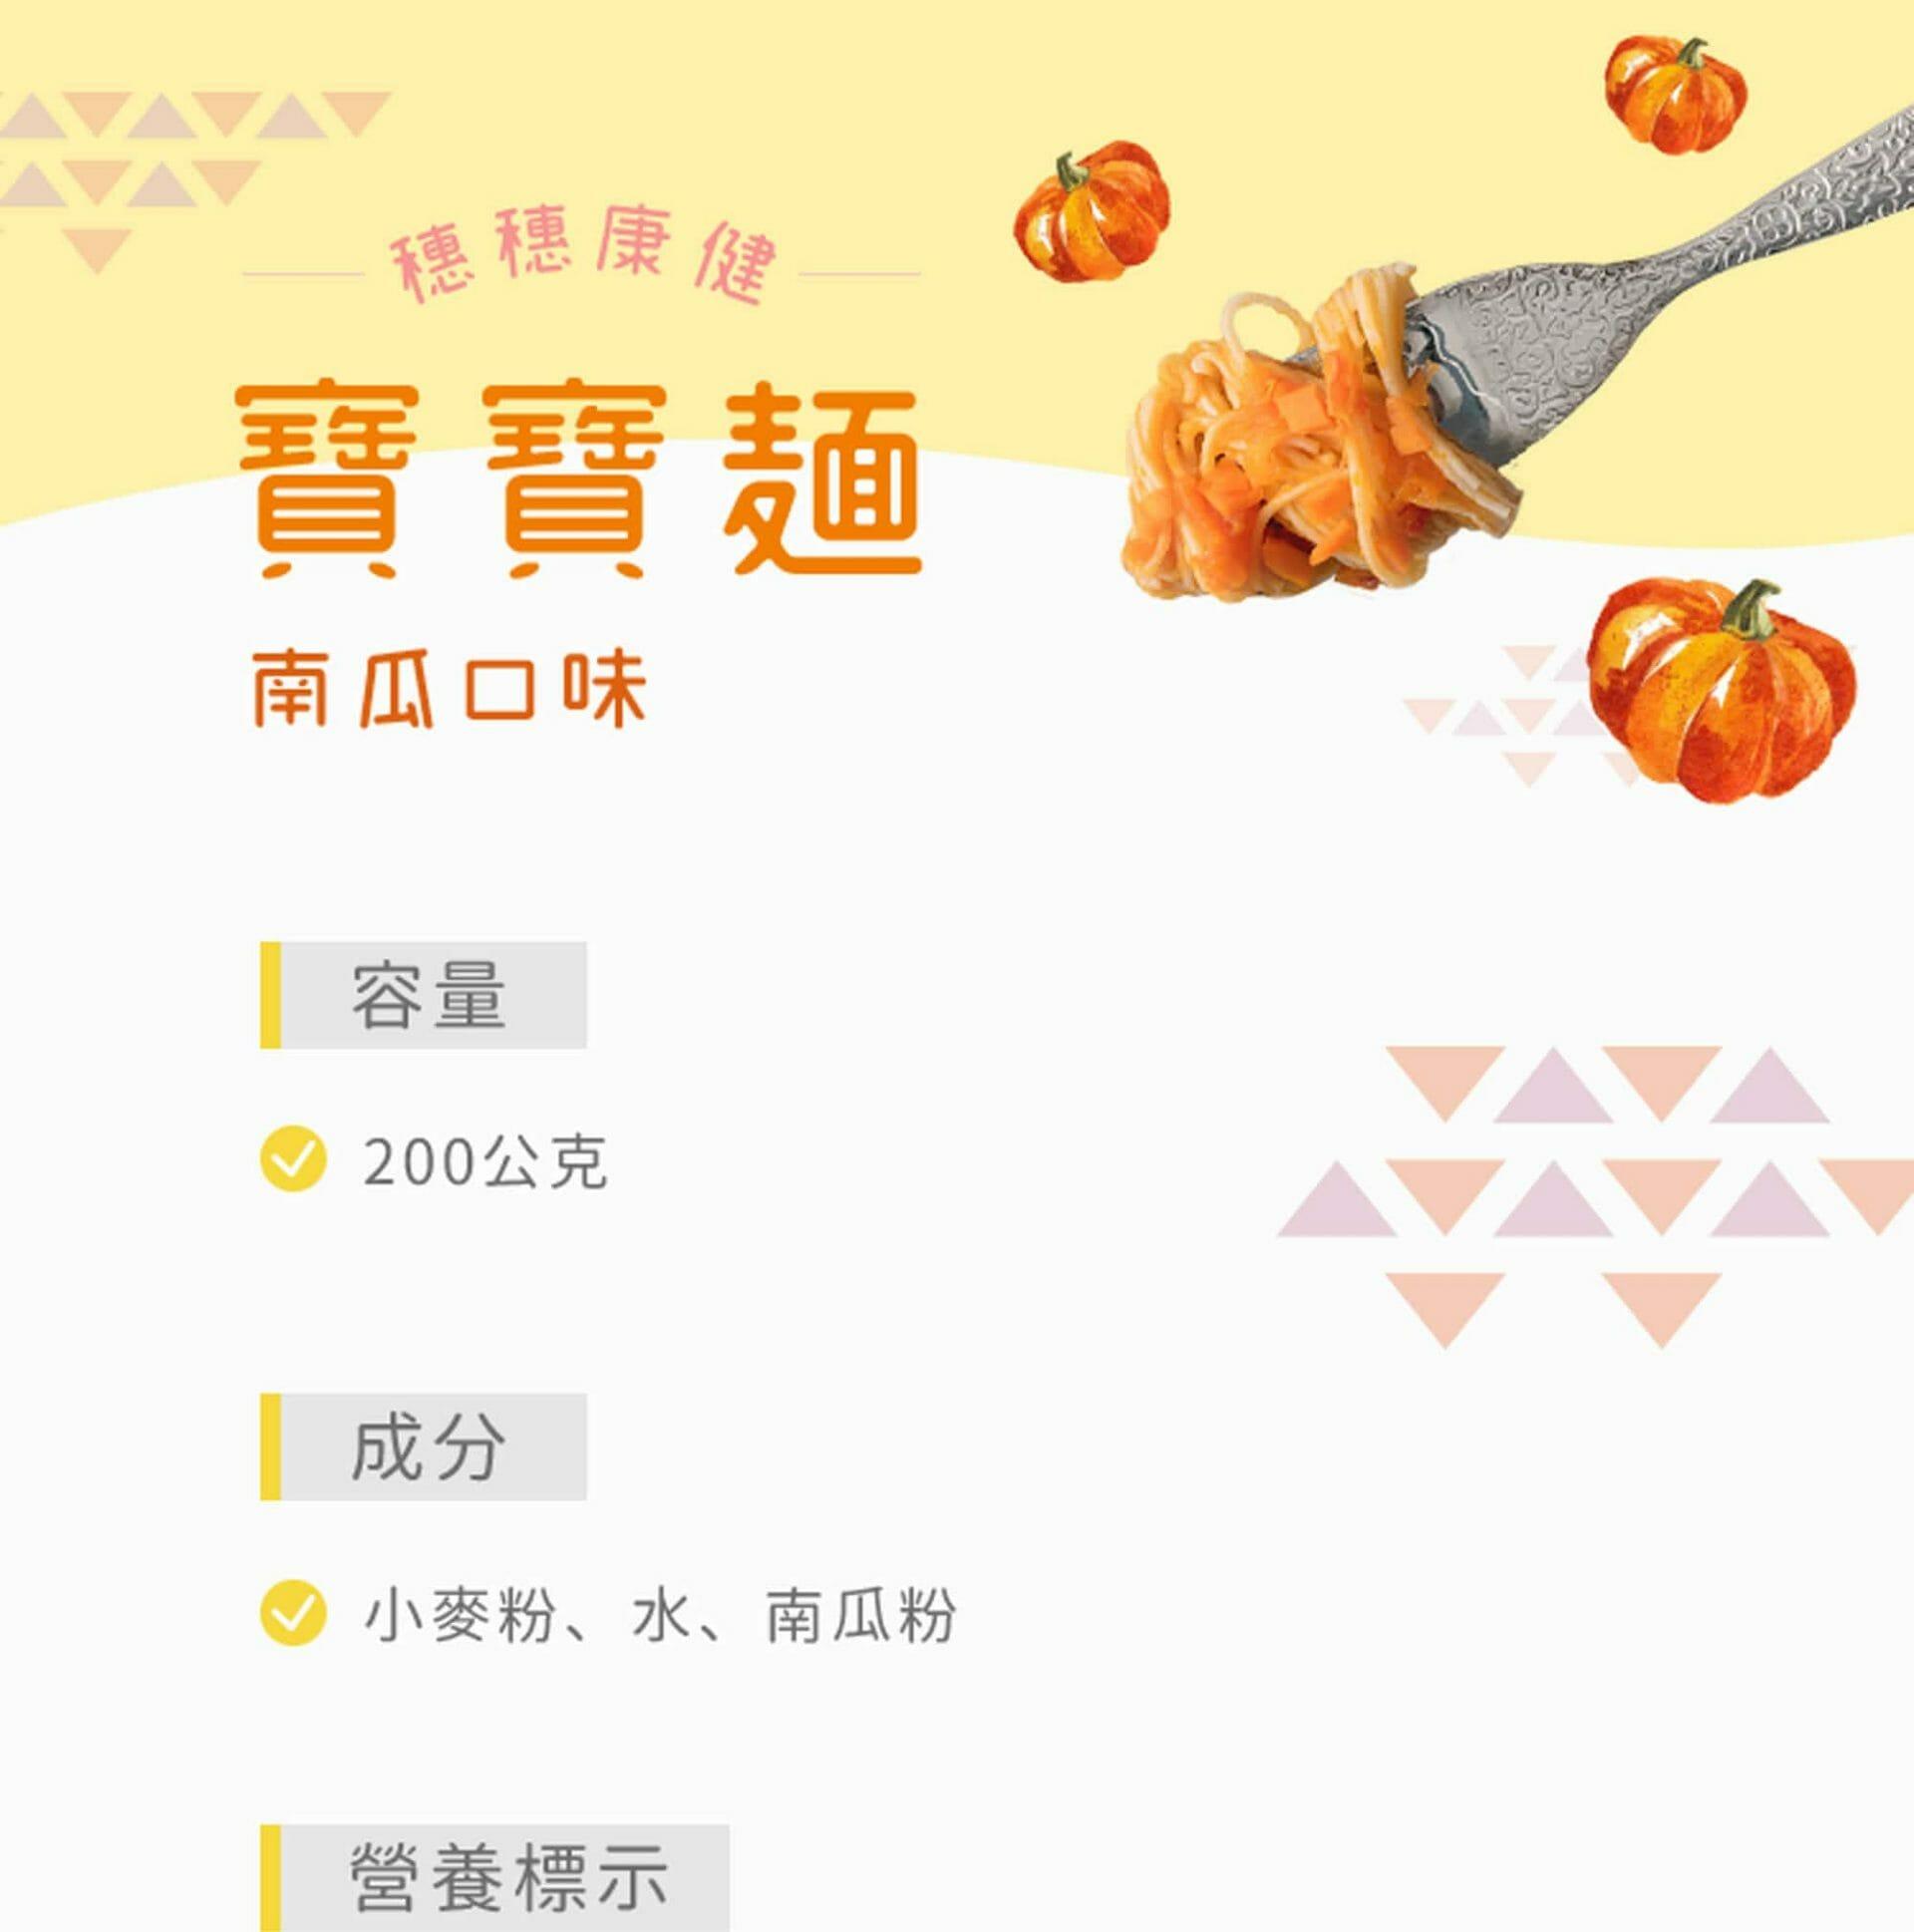 穗穗康健南瓜寶寶麵容量為200公克,成分為小麥粉、水、南瓜粉